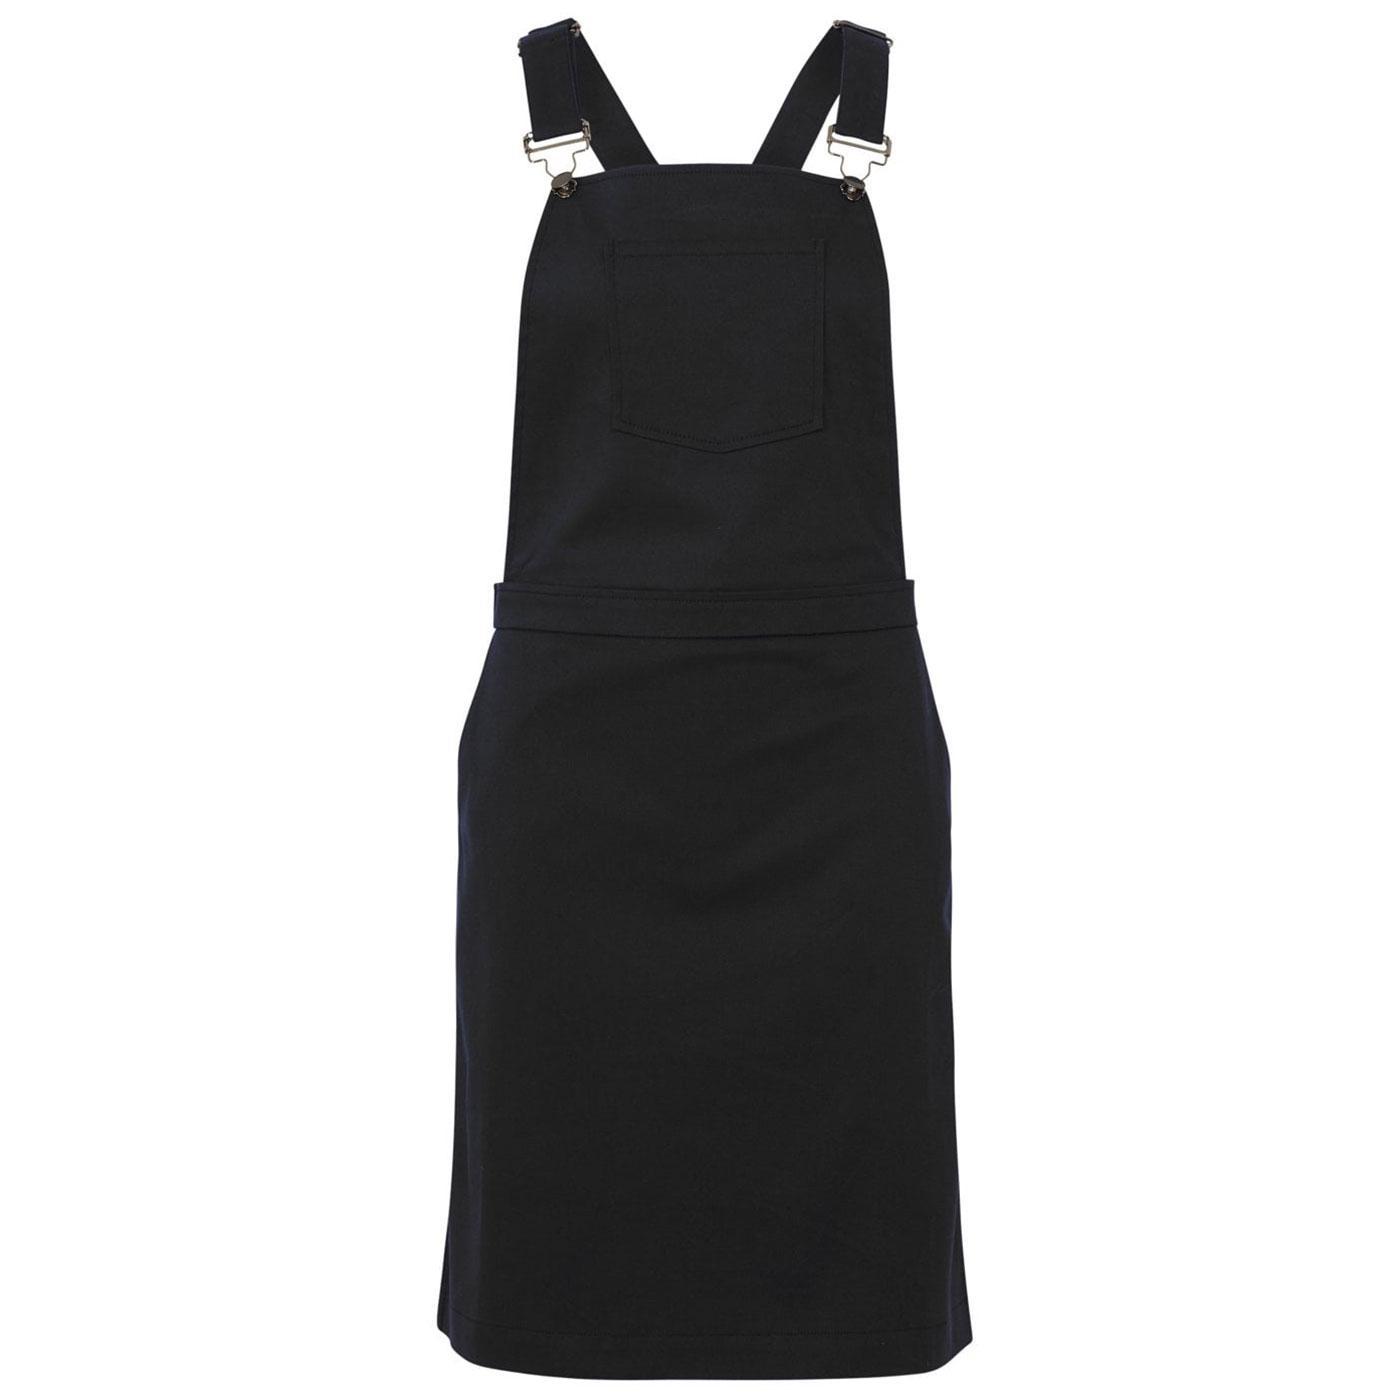 Toni SUGARHILL BOUTIQUE Retro Black Dungaree Dress